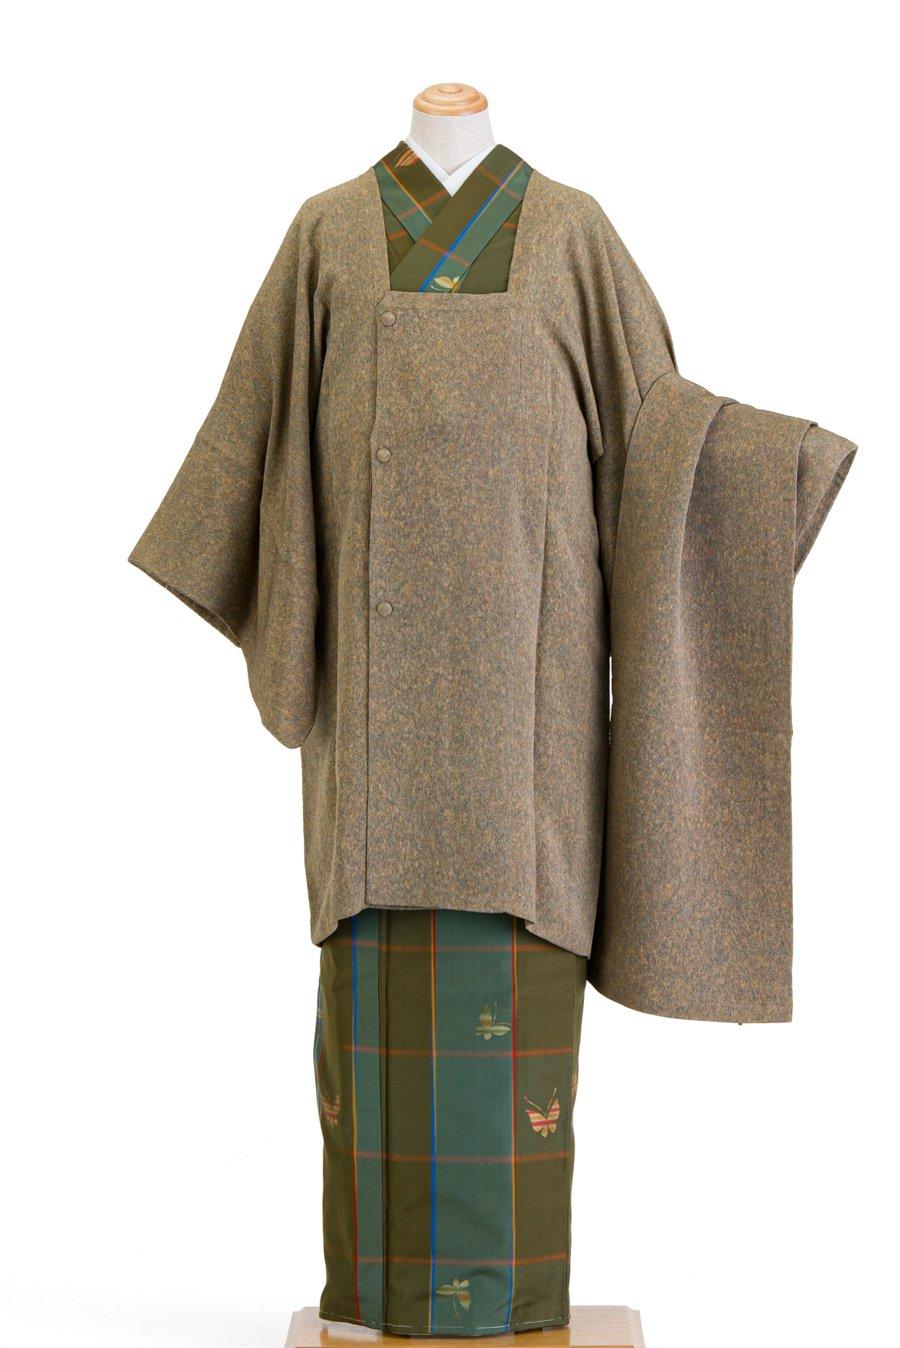 「道行コート ショール付き 斑染め」の商品画像